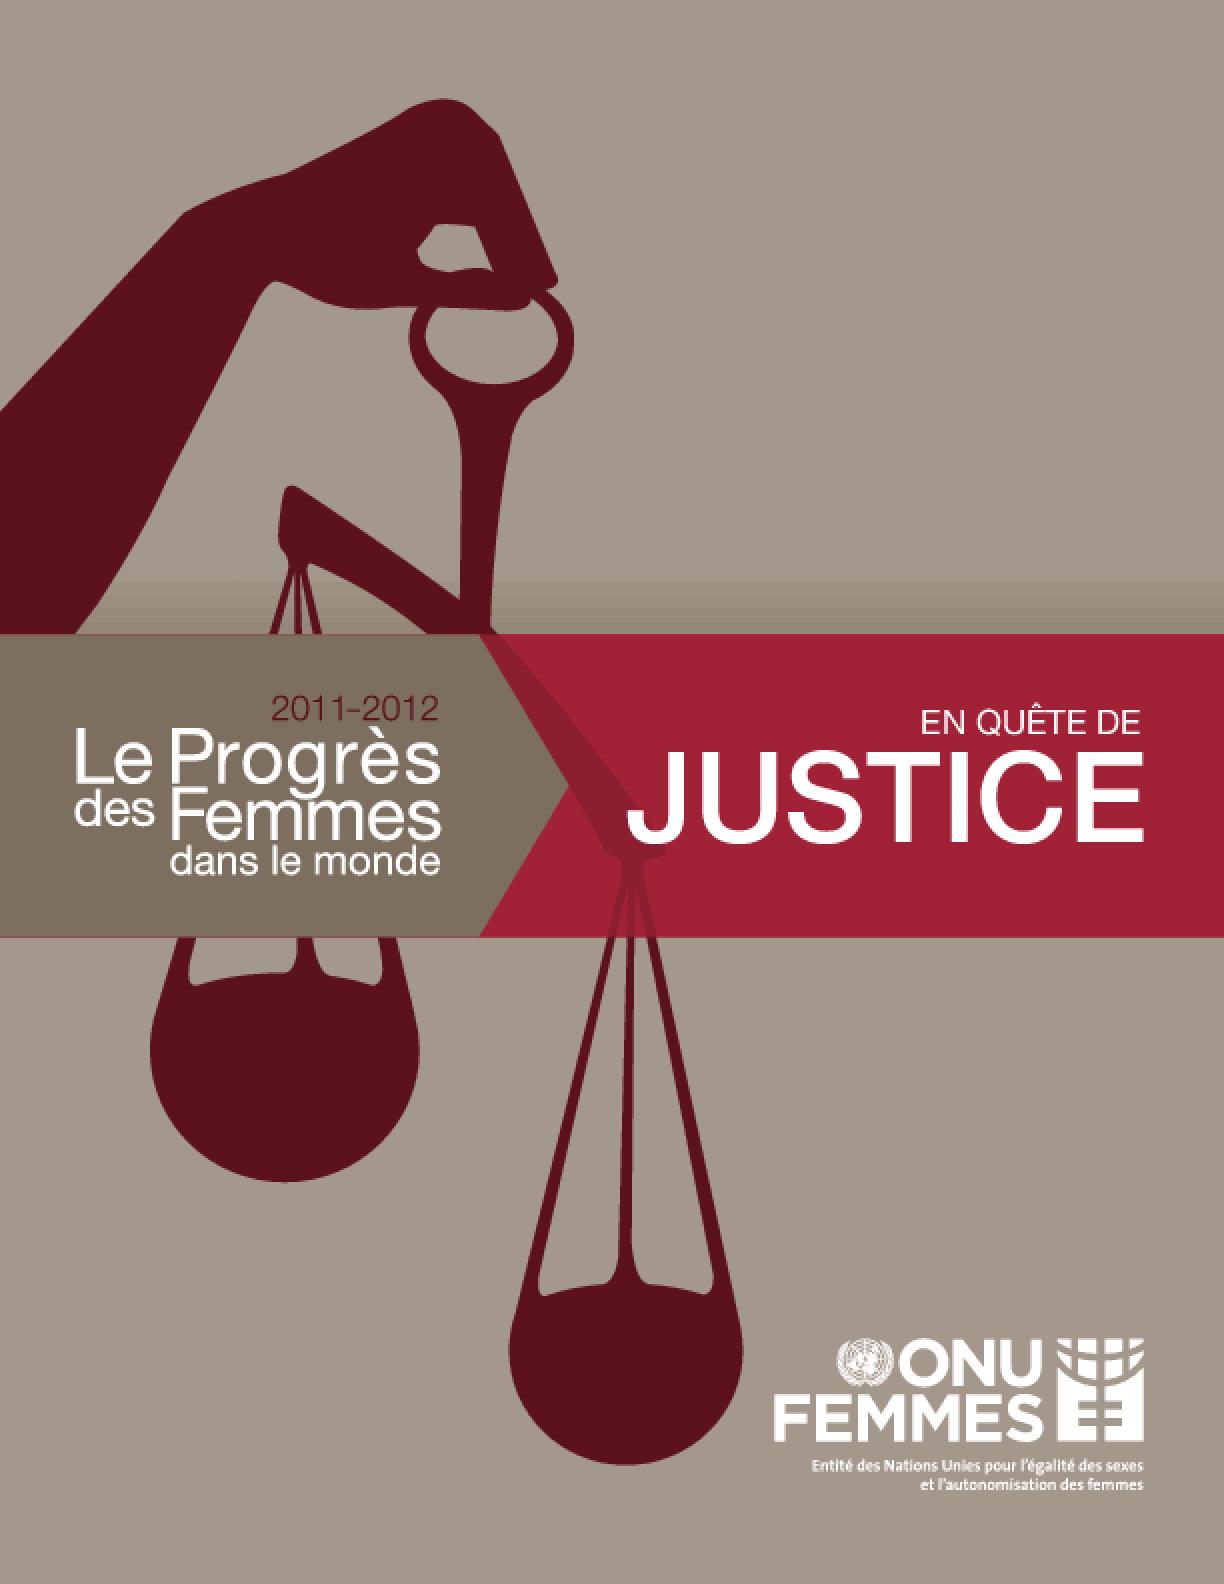 Le progrès des femmes dans le monde 2011 -- 2012 : en quête de justice